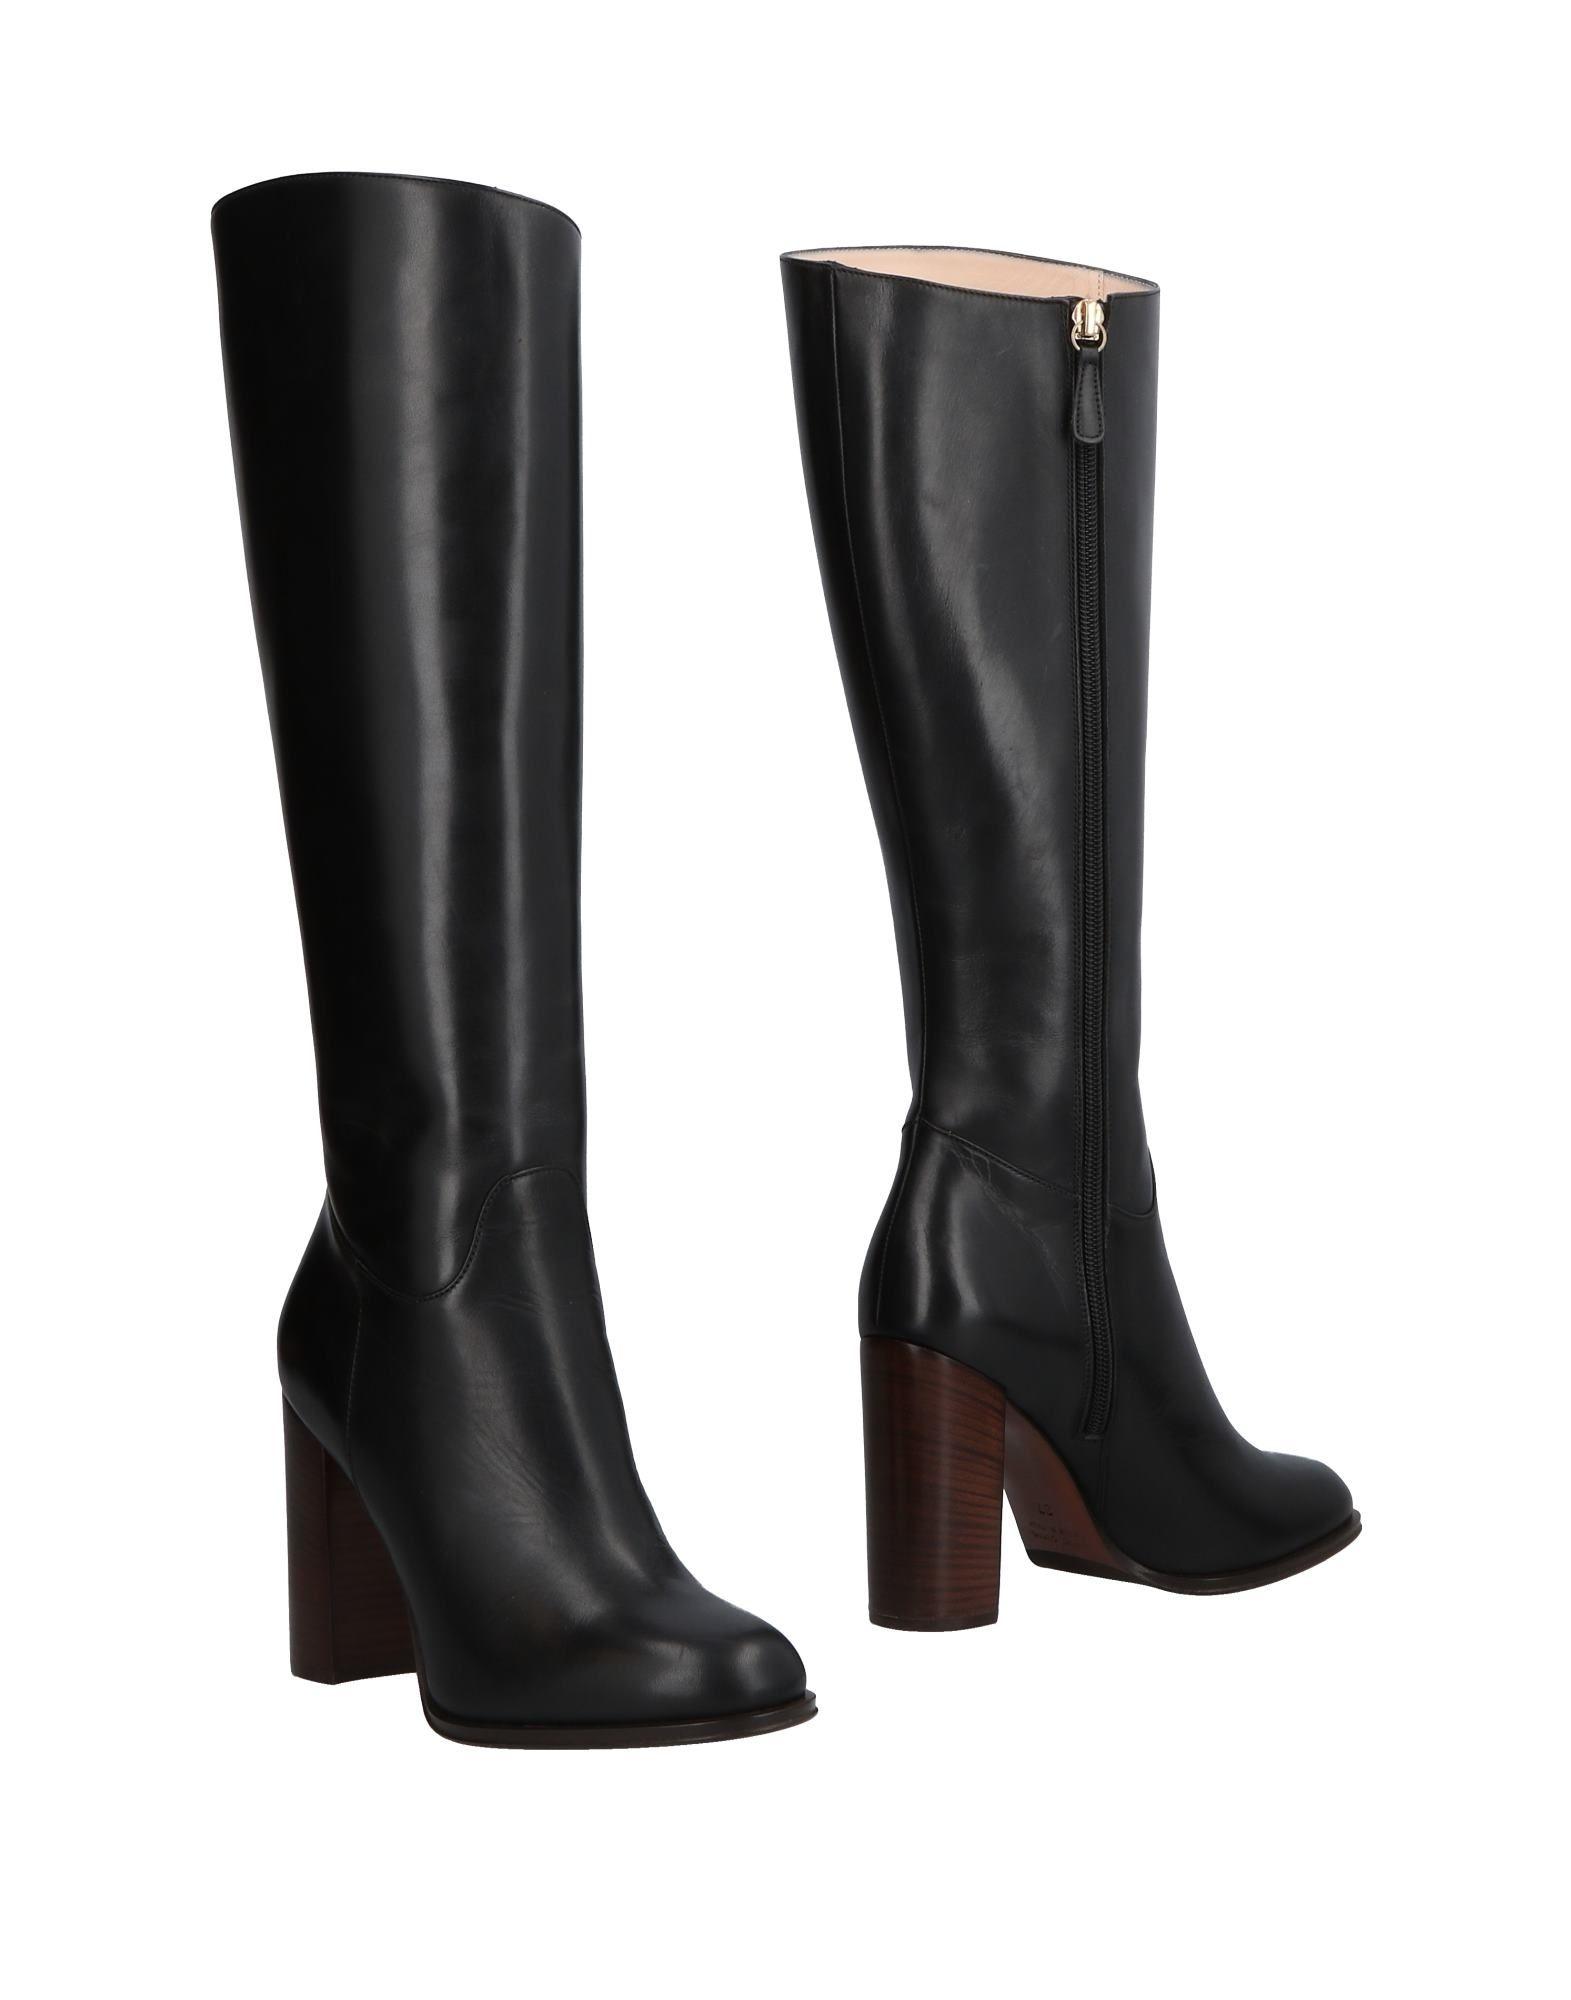 LELLA BALDI Boots in Black